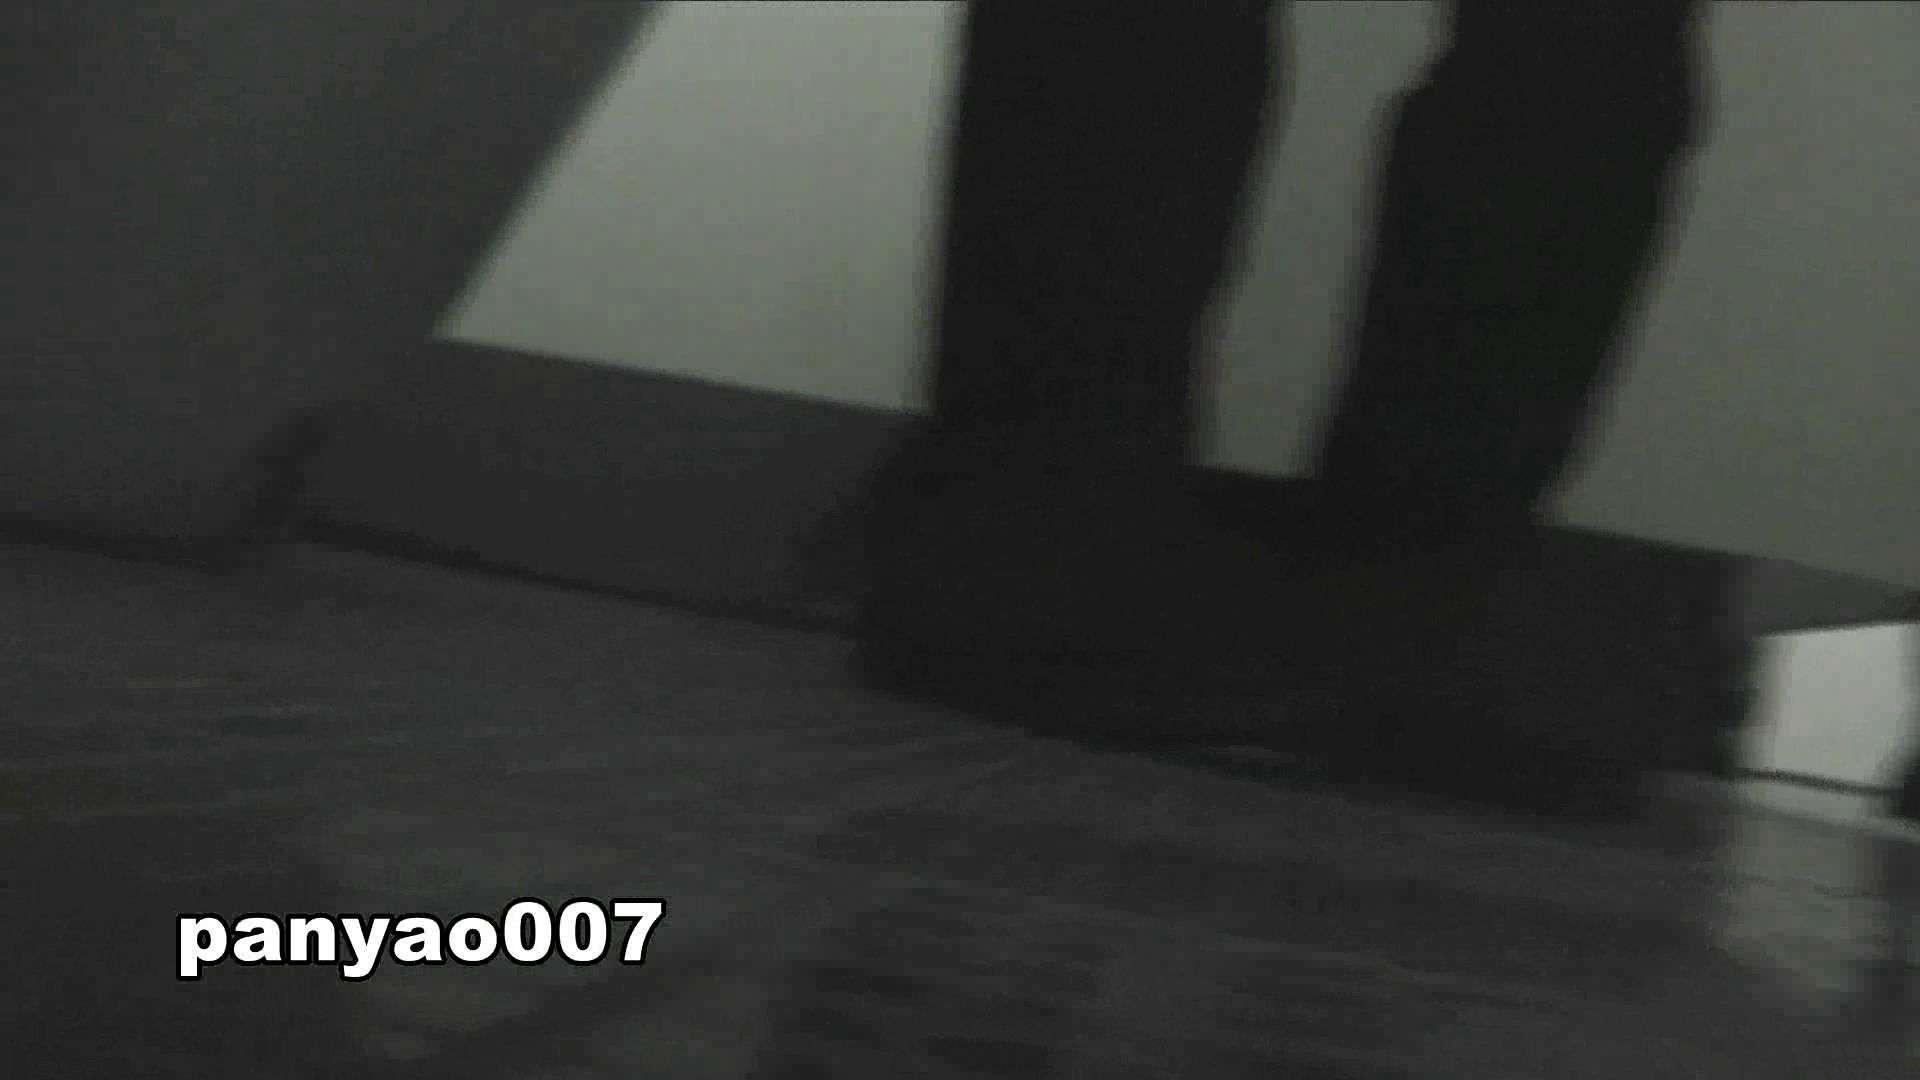 日本成人用品展览会。vol.07 照射実験 着替え のぞきおめこ無修正画像 112PICs 80